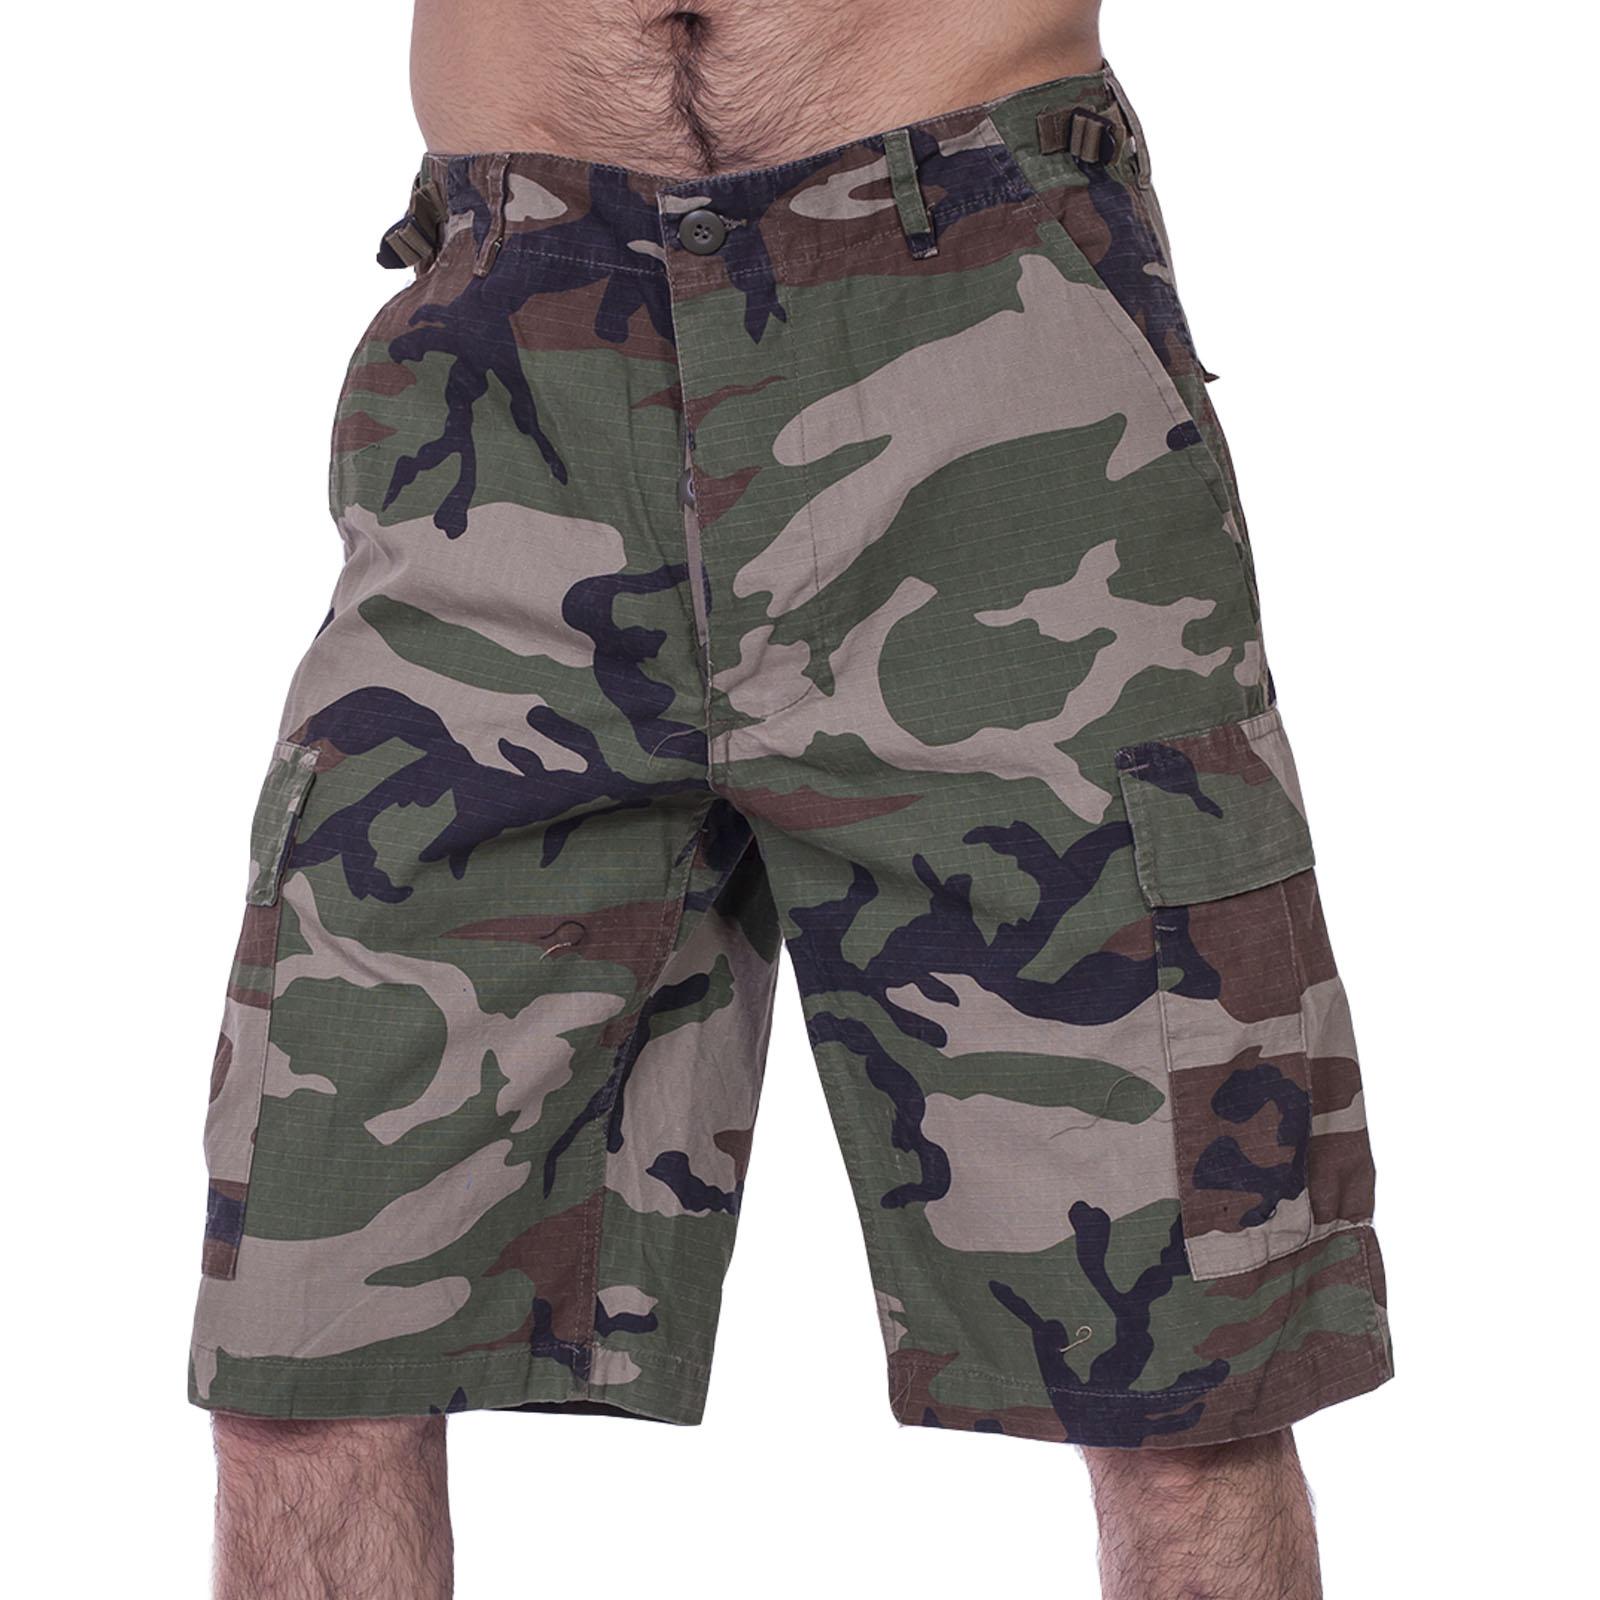 Камуфляжные шорты бермуды от немецкого бренда Brandit